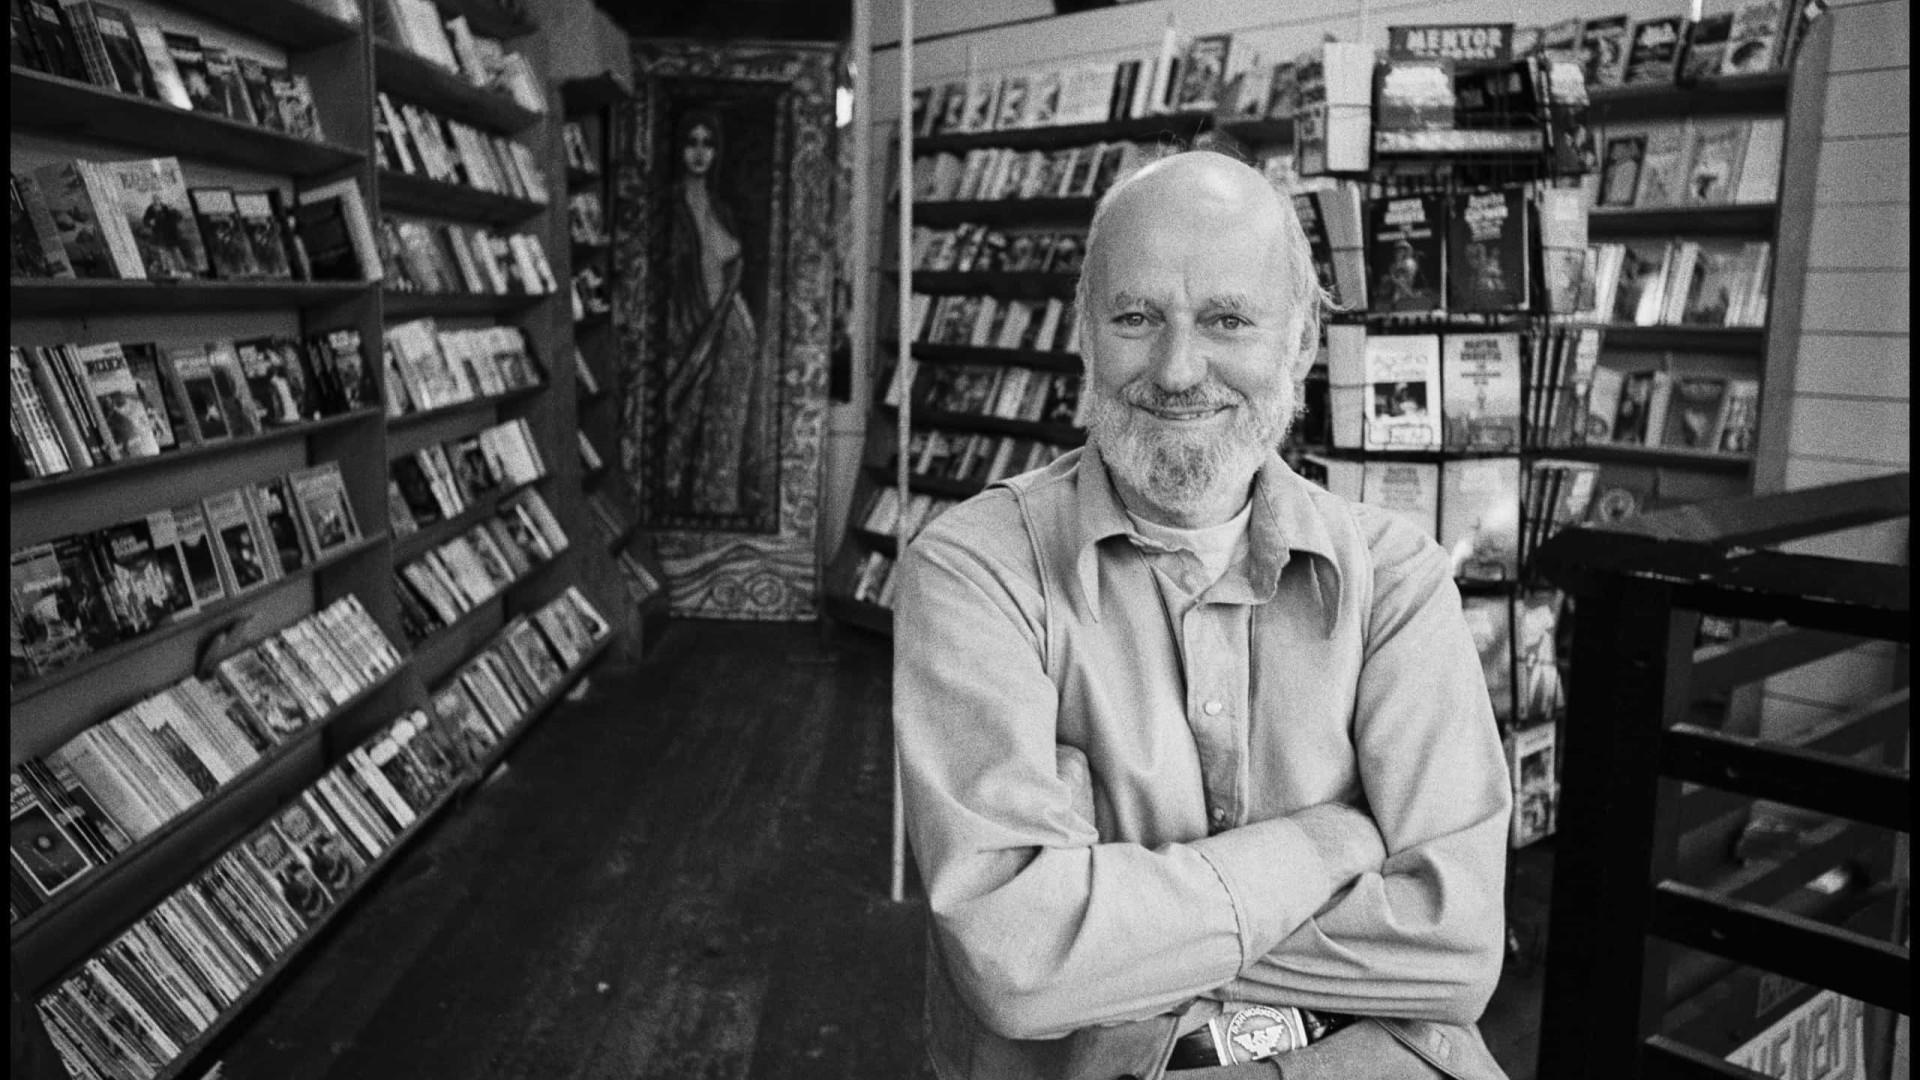 Poeta e editor Lawrence Ferlinghetti, último ícone da geração beat, morre aos 101